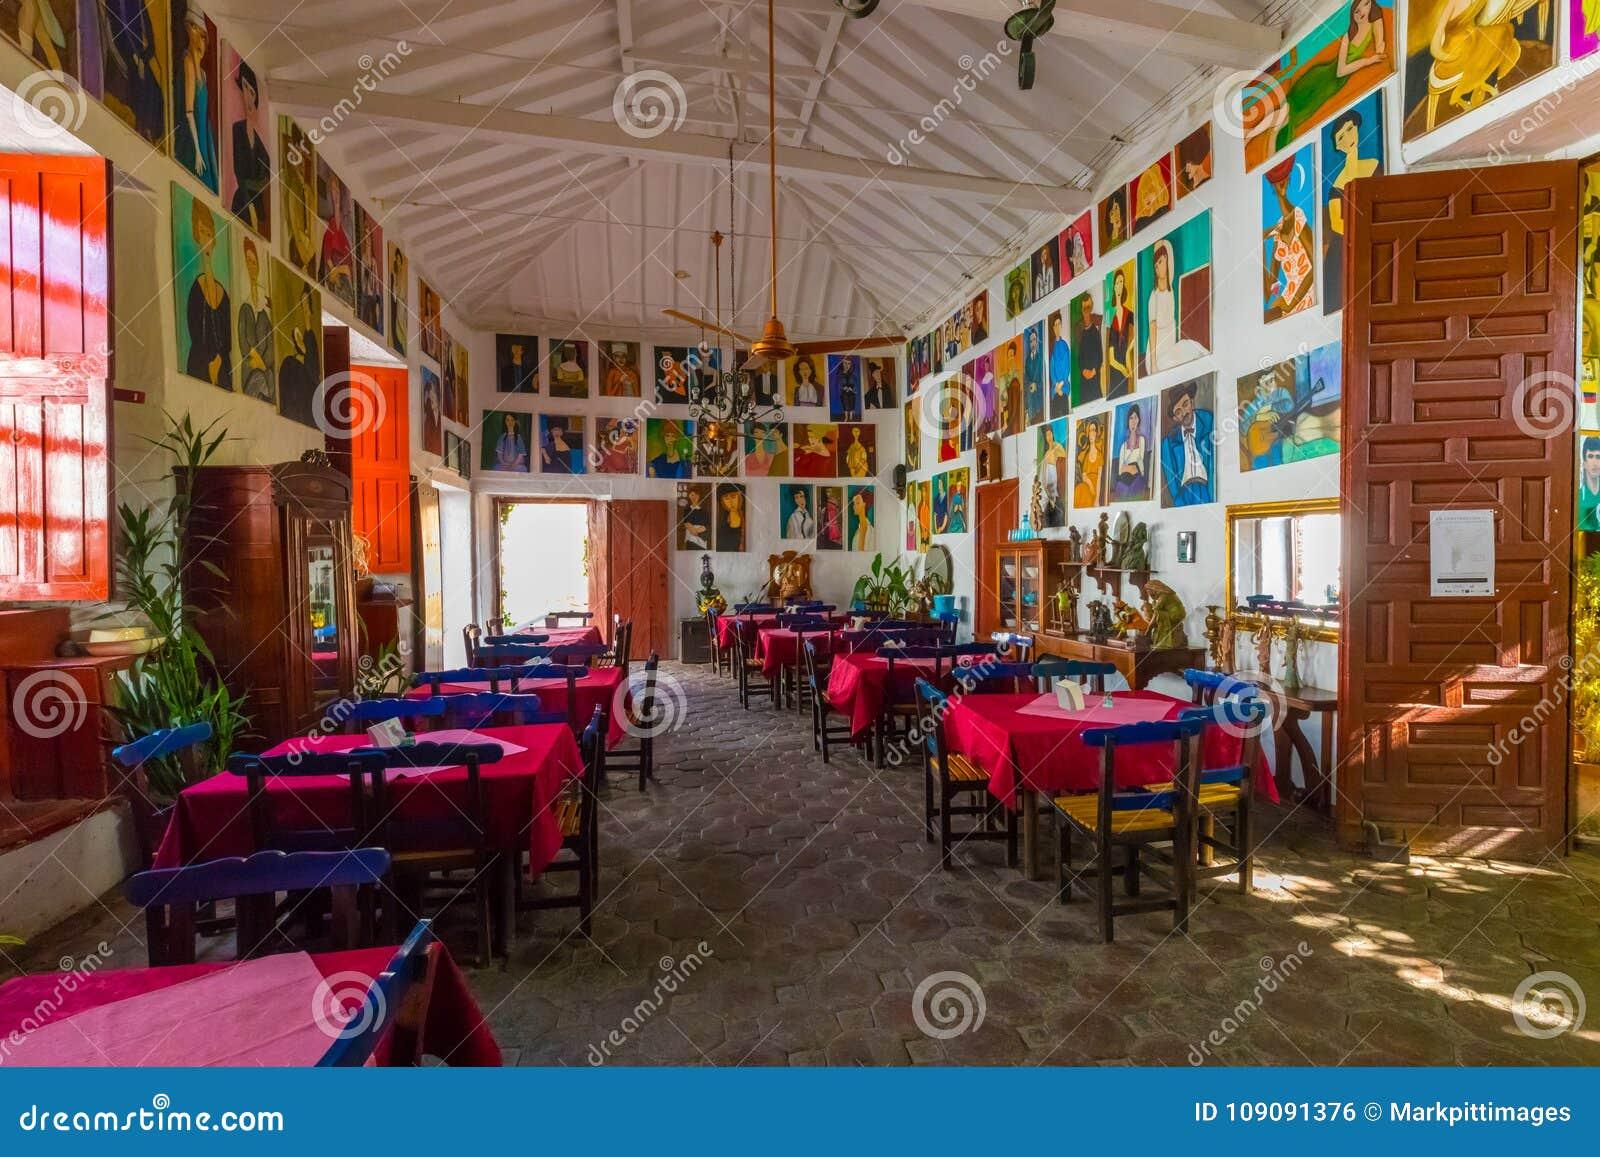 Typisch historisch restaurant in de stad van Santa Fe van Antioquia